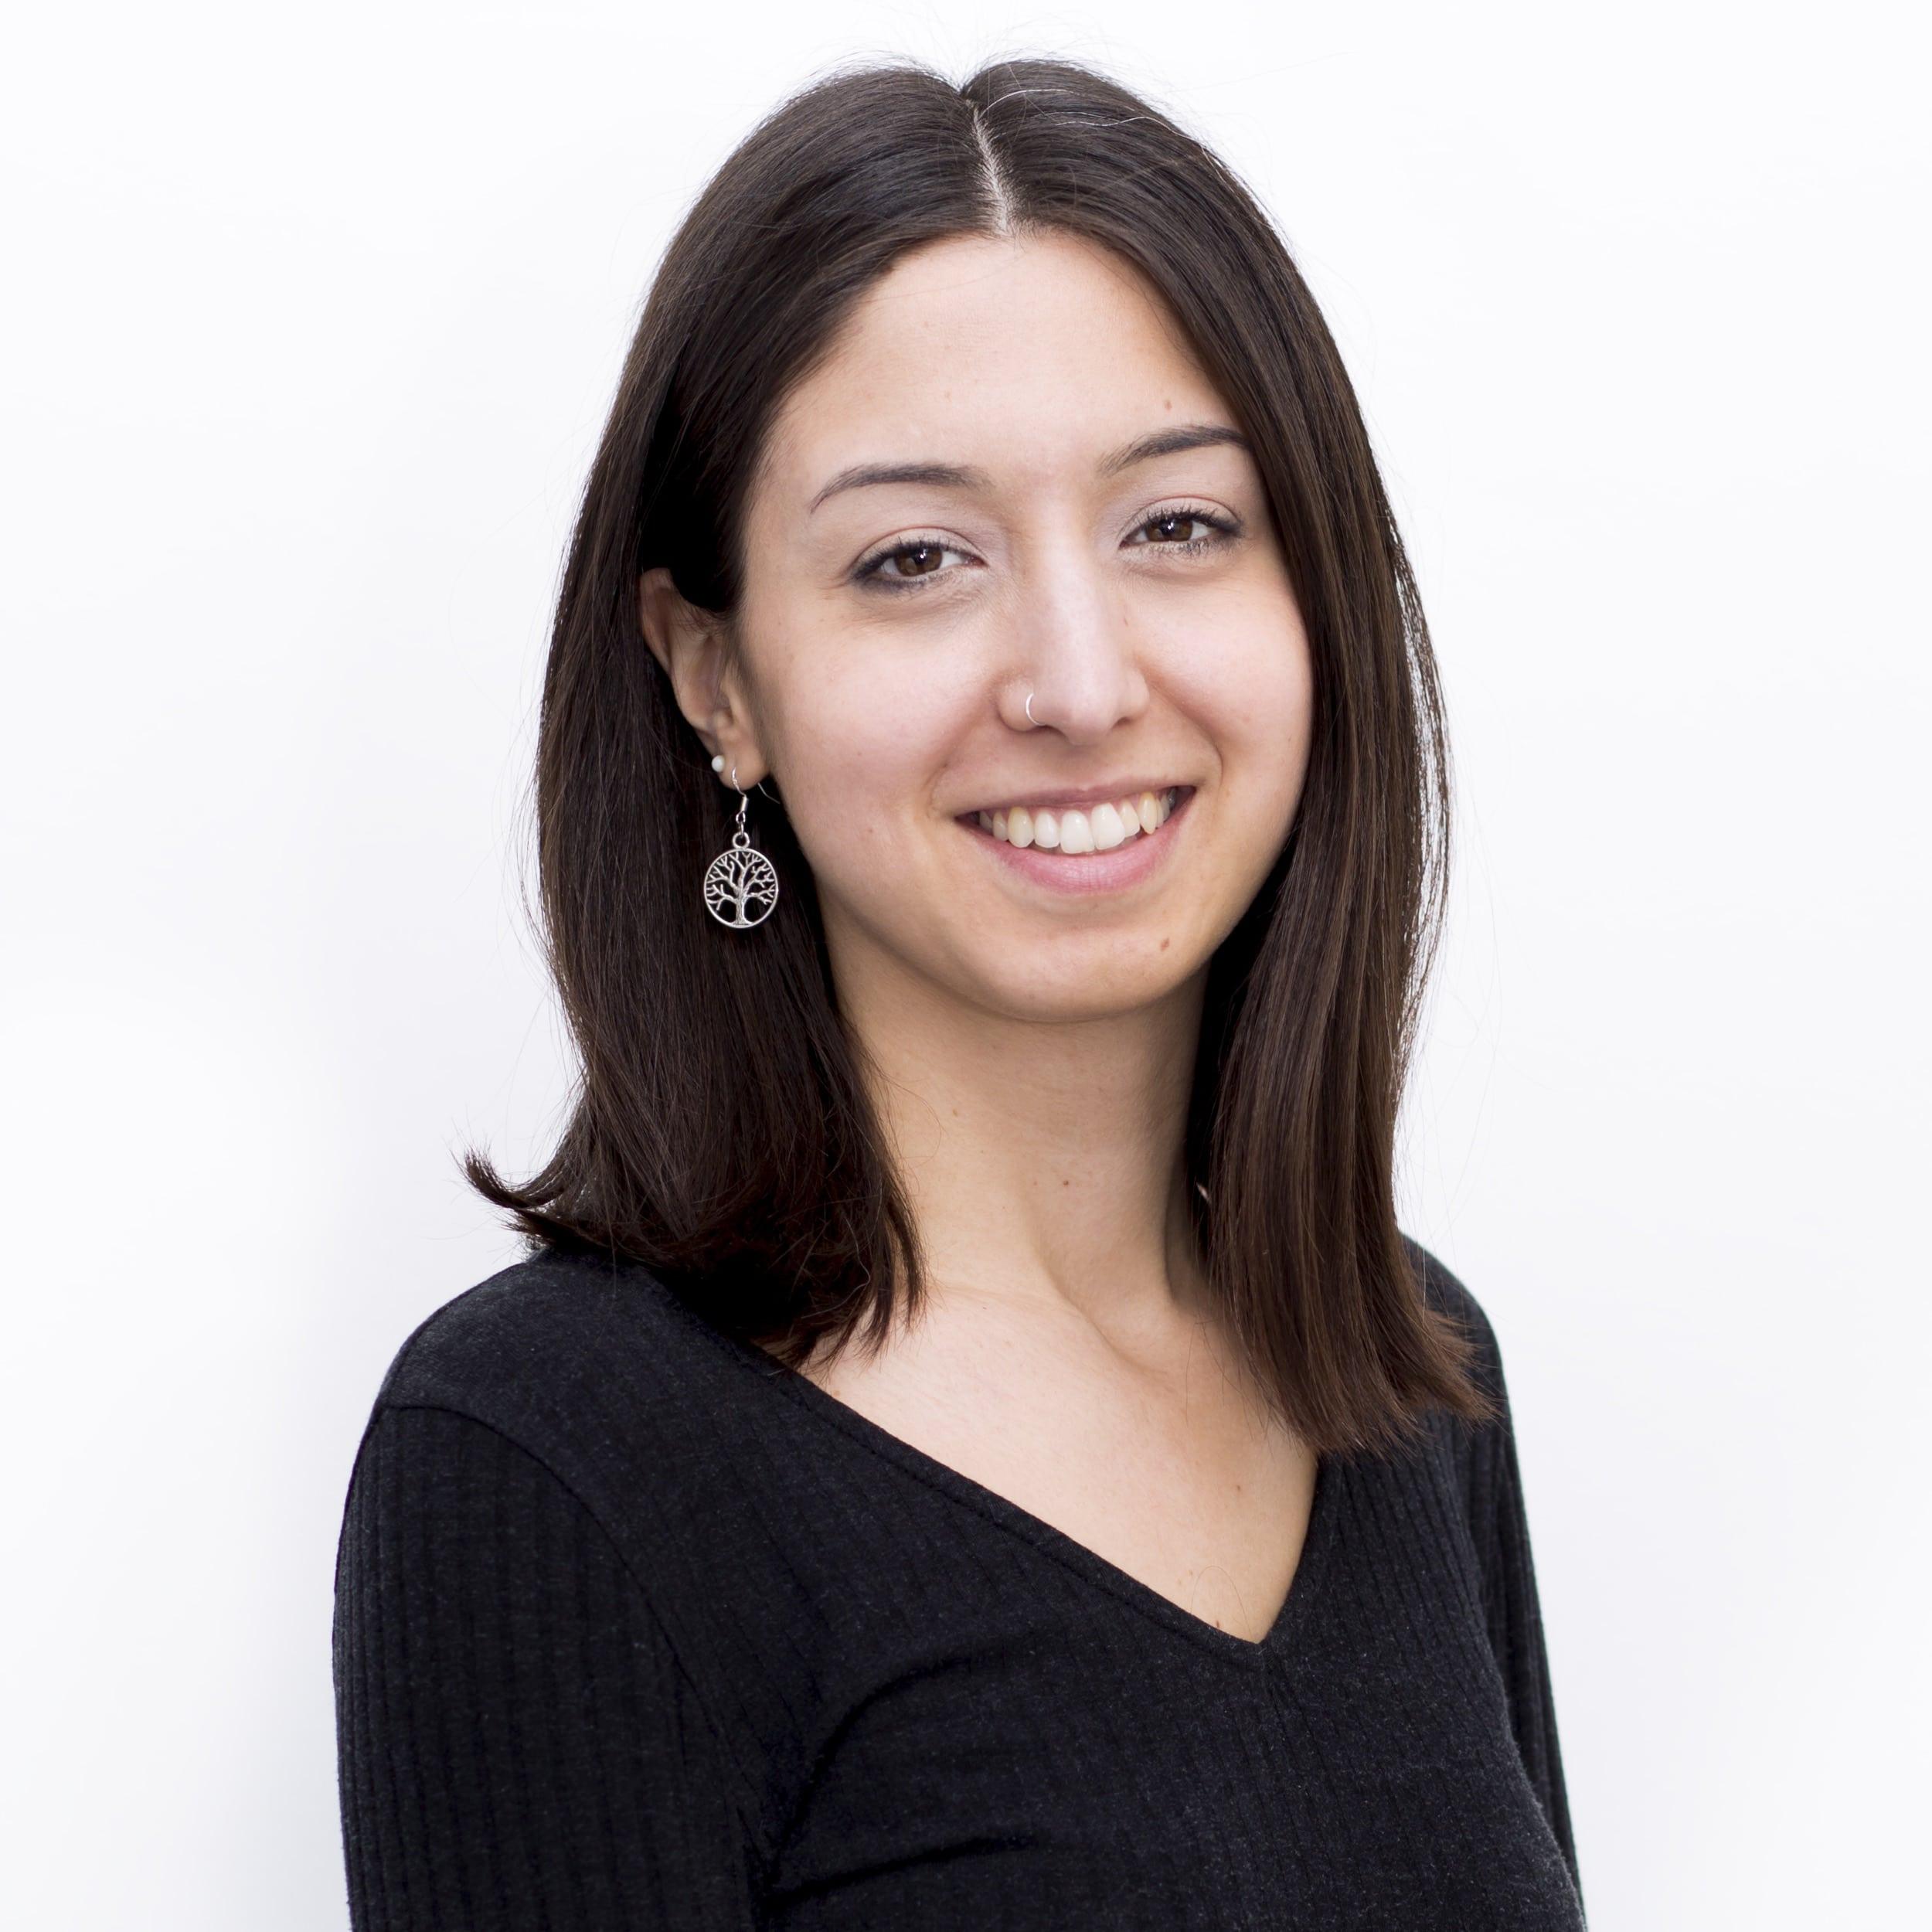 Eva Karanikola